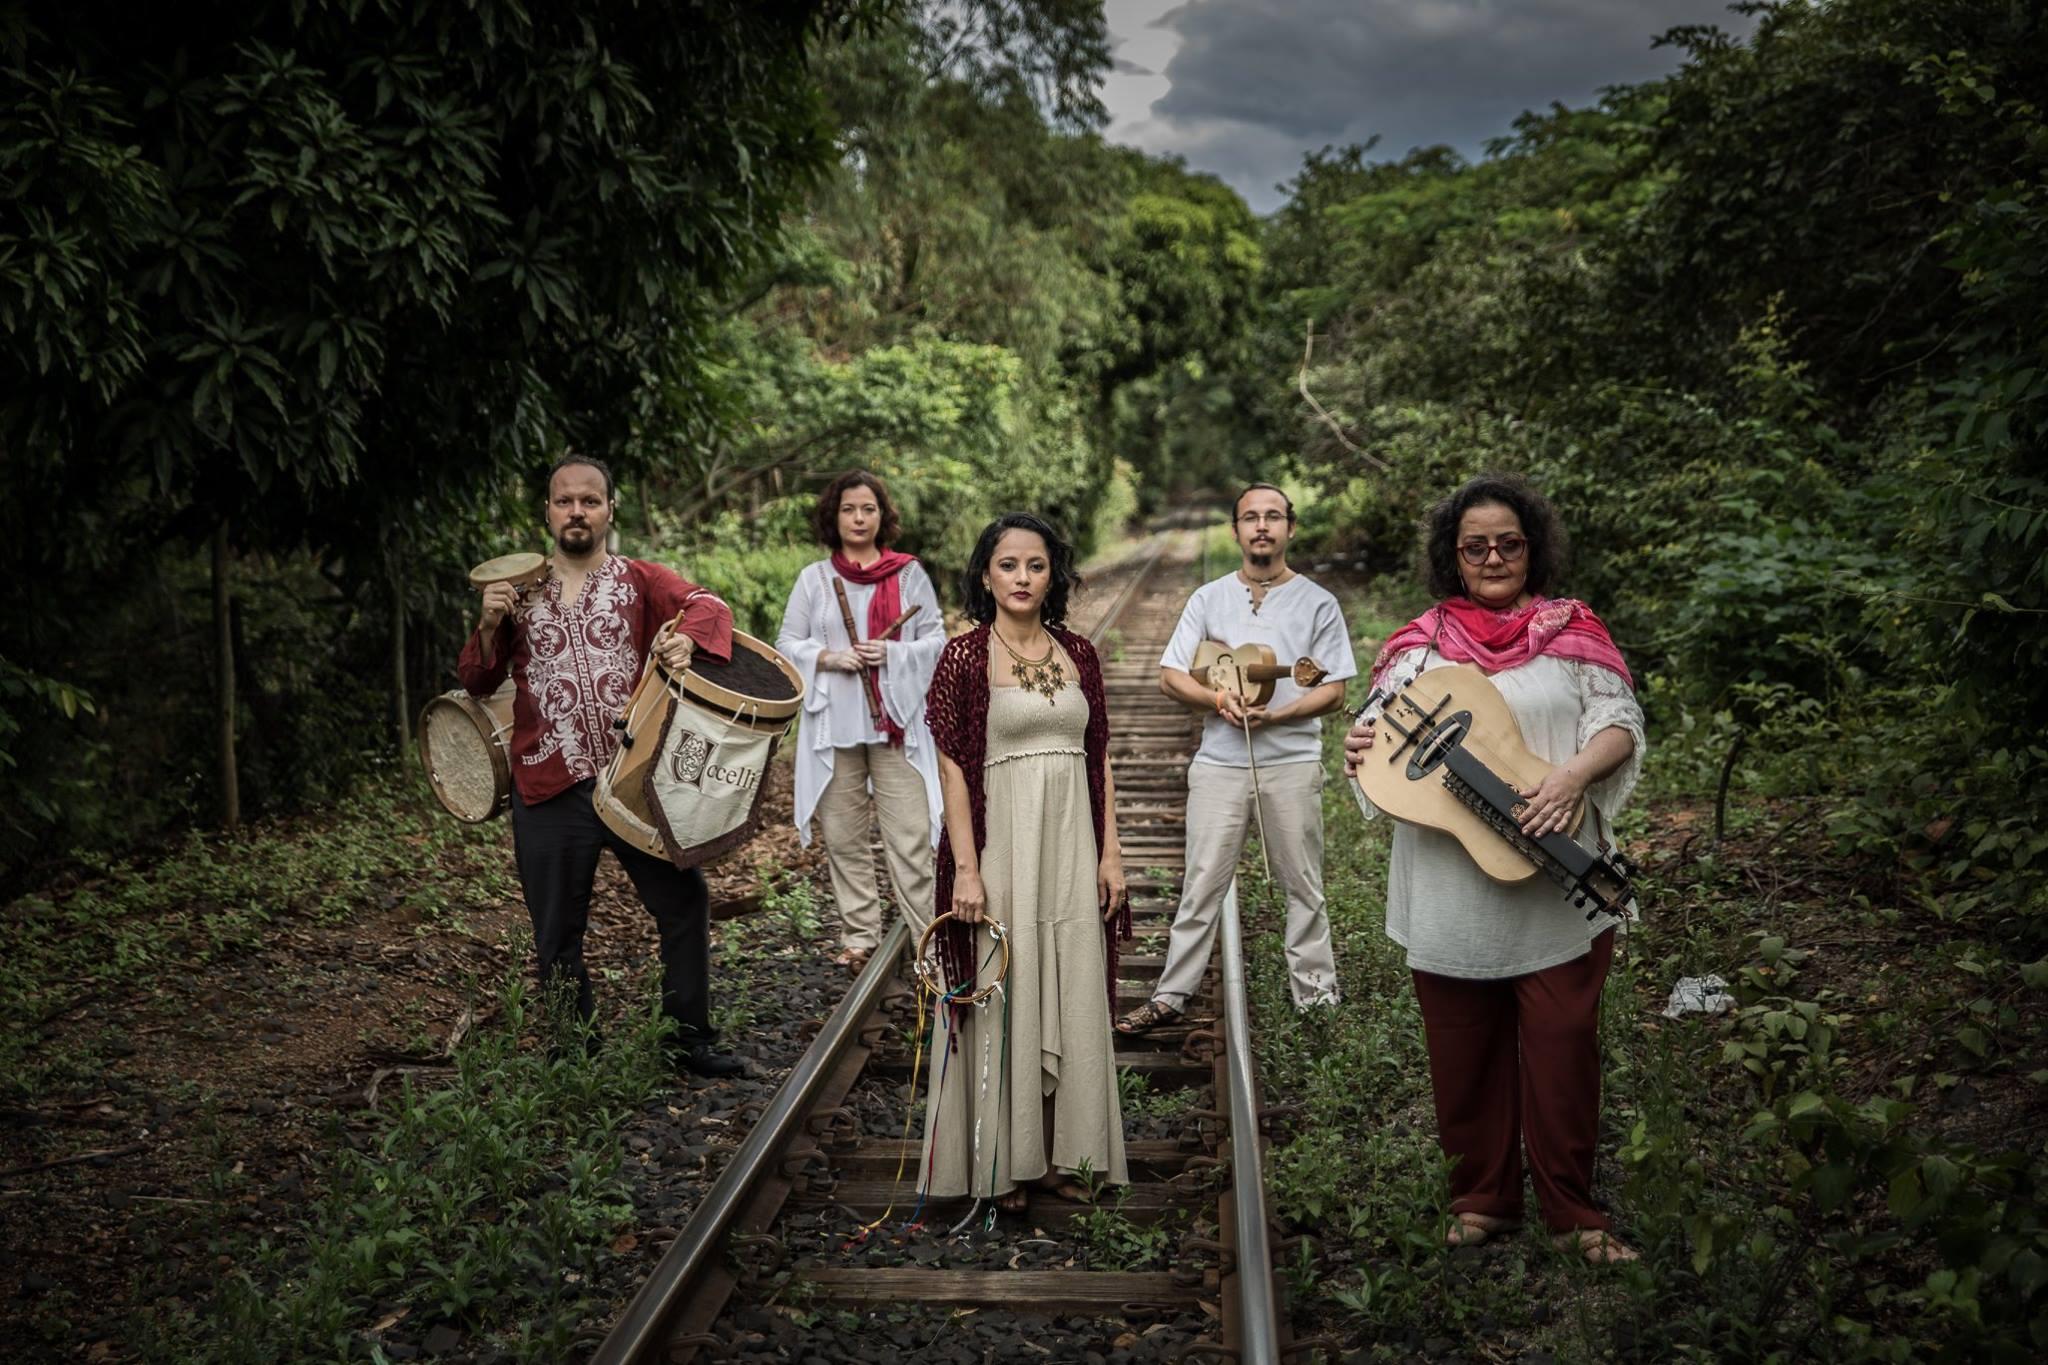 Festival de música antiga agita programação cultural de Goiânia em novembro